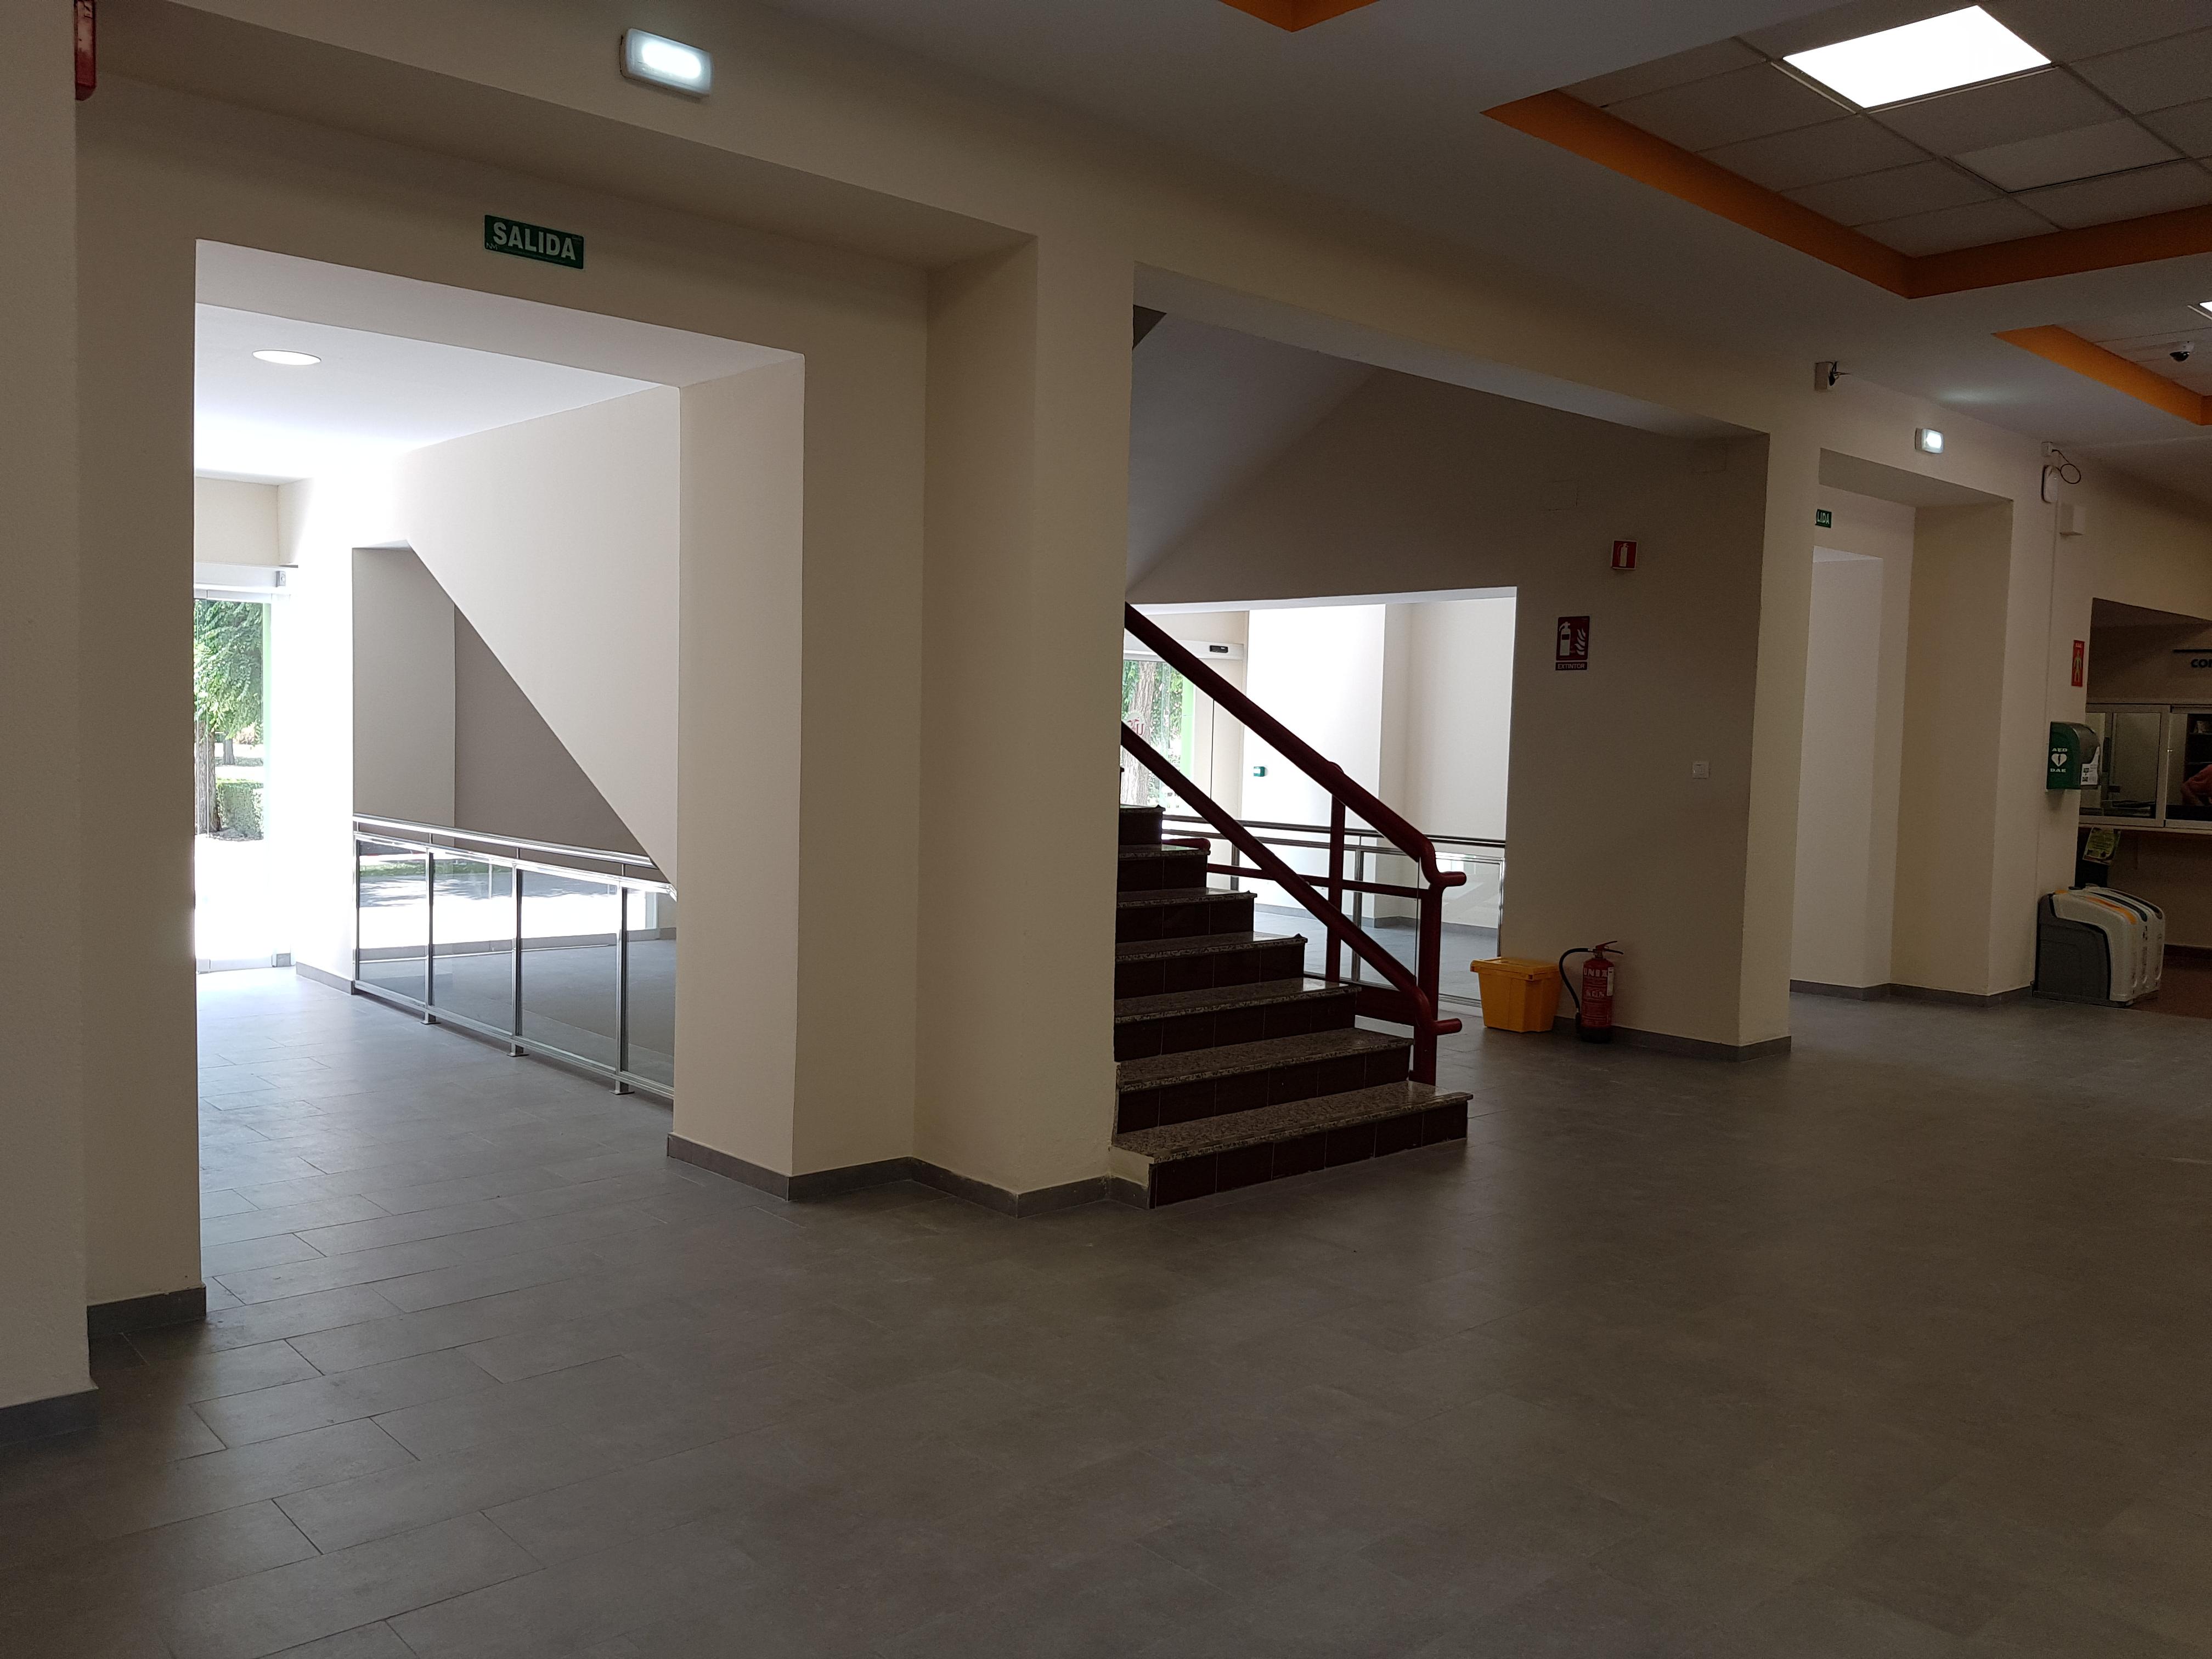 proyectos de oficinas sevilla: proyecto arquitectura sevilla universidad